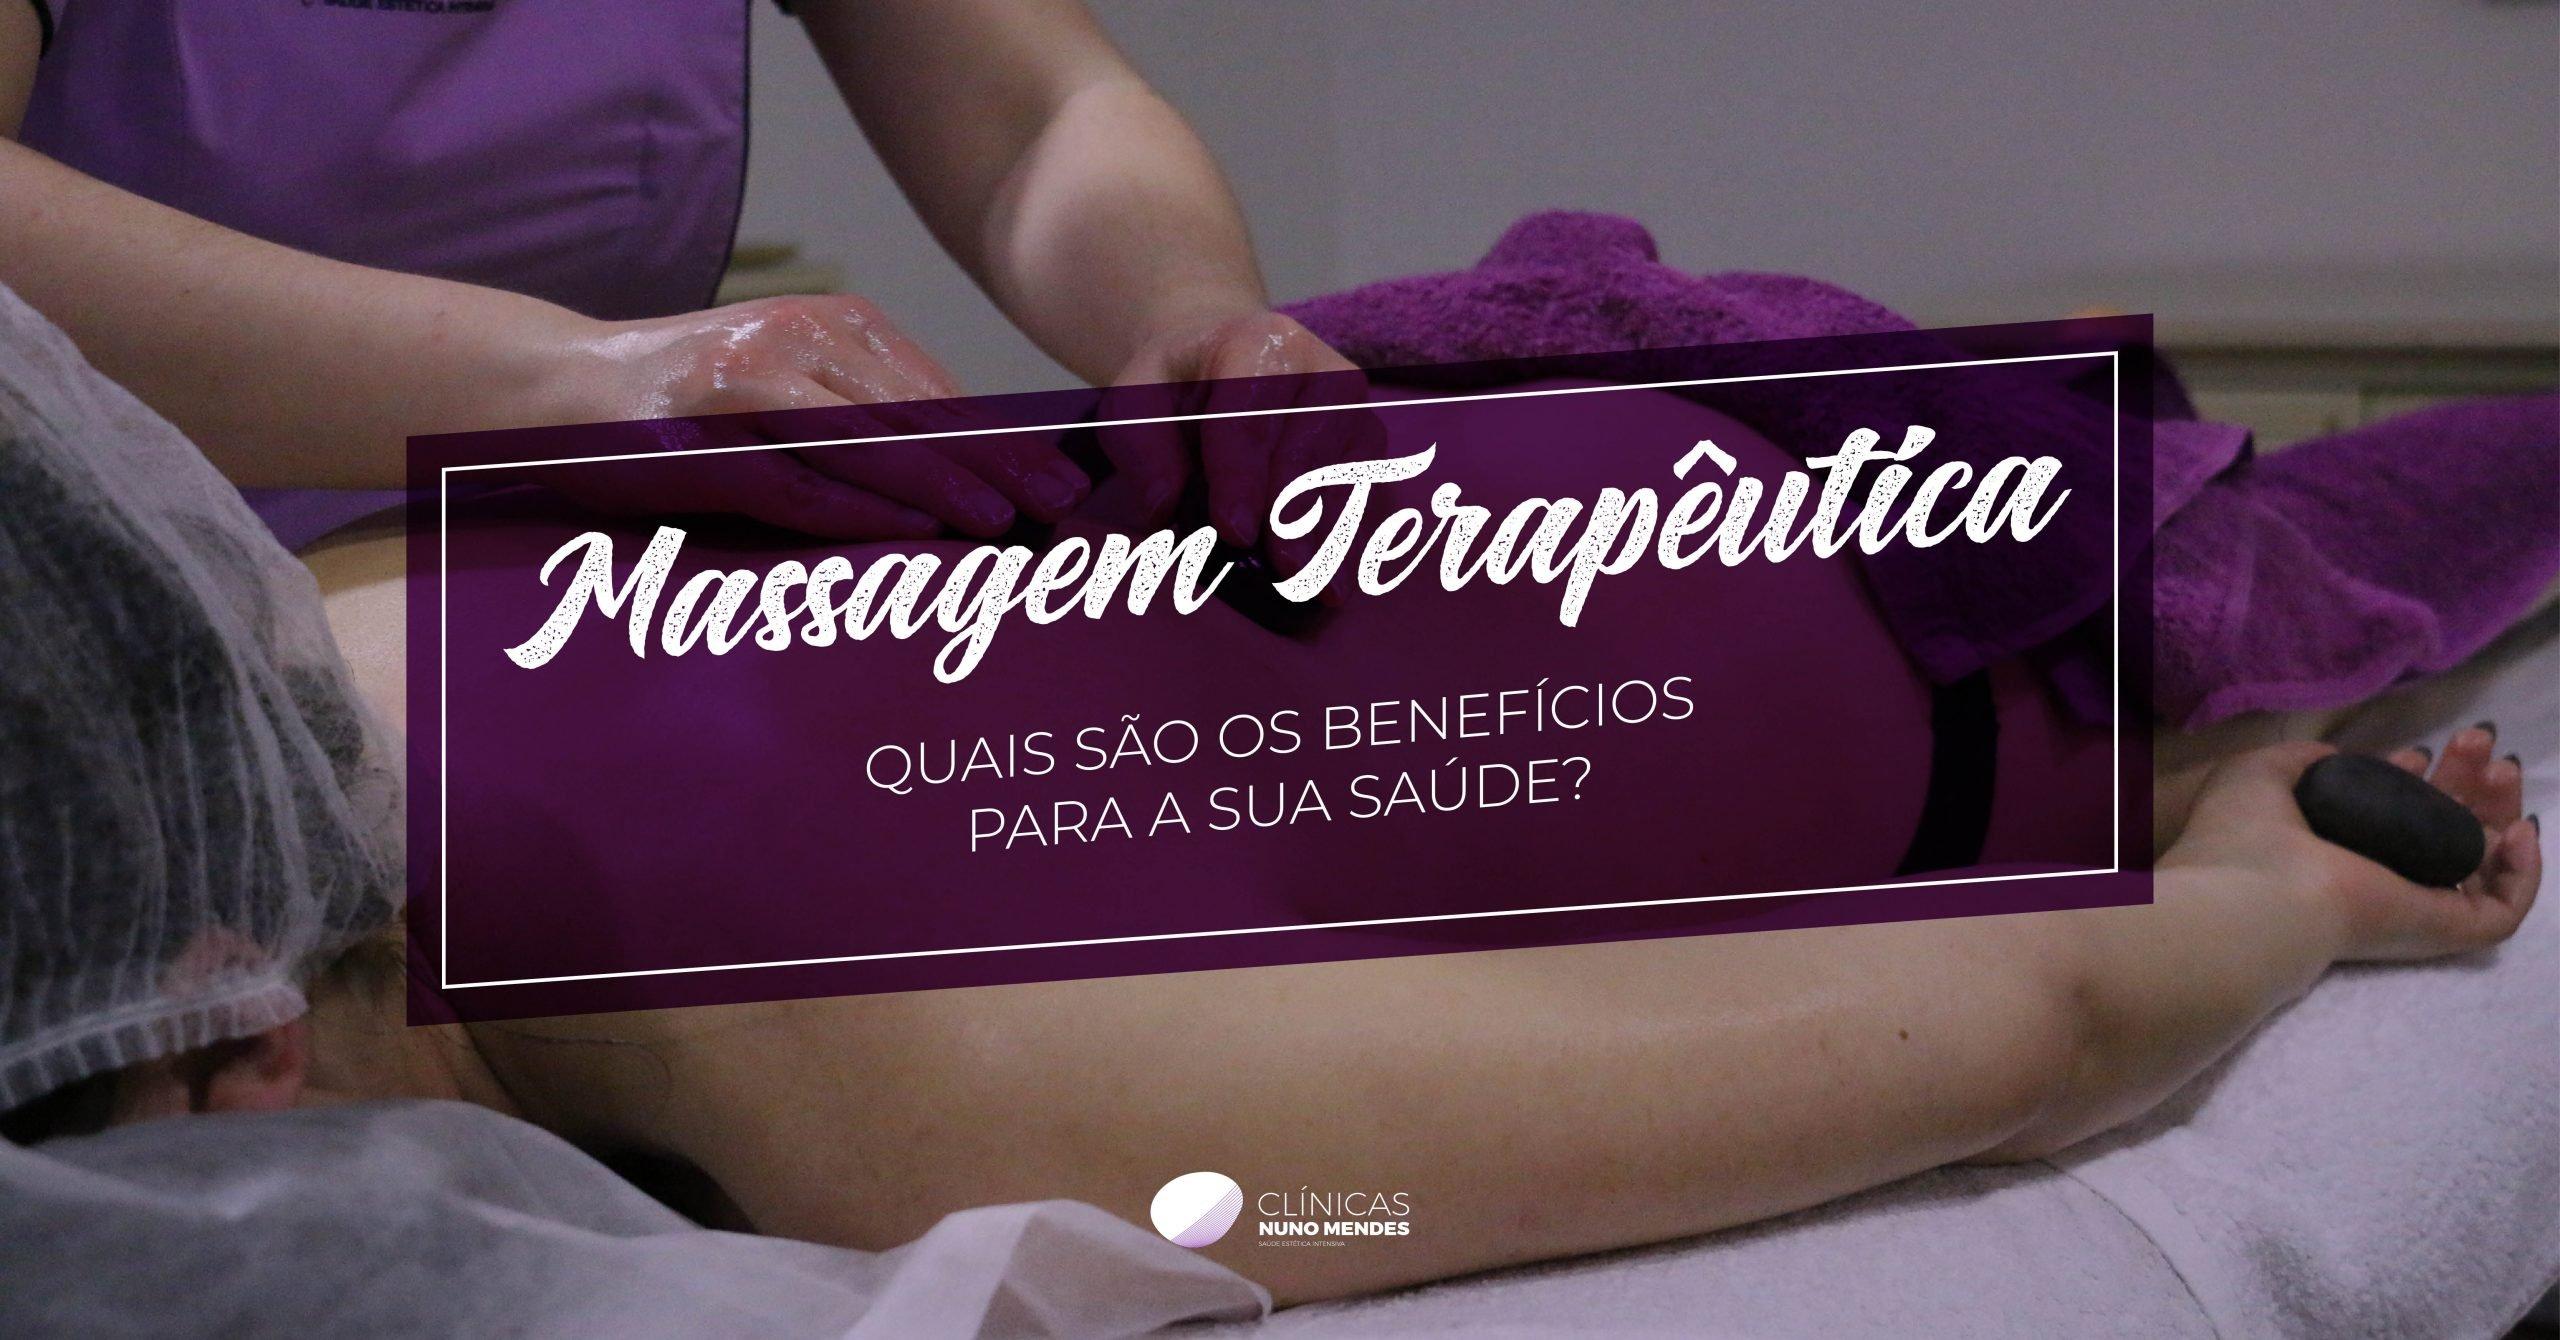 Quais são os benefícios da massagem terapêutica para a sua saúde?